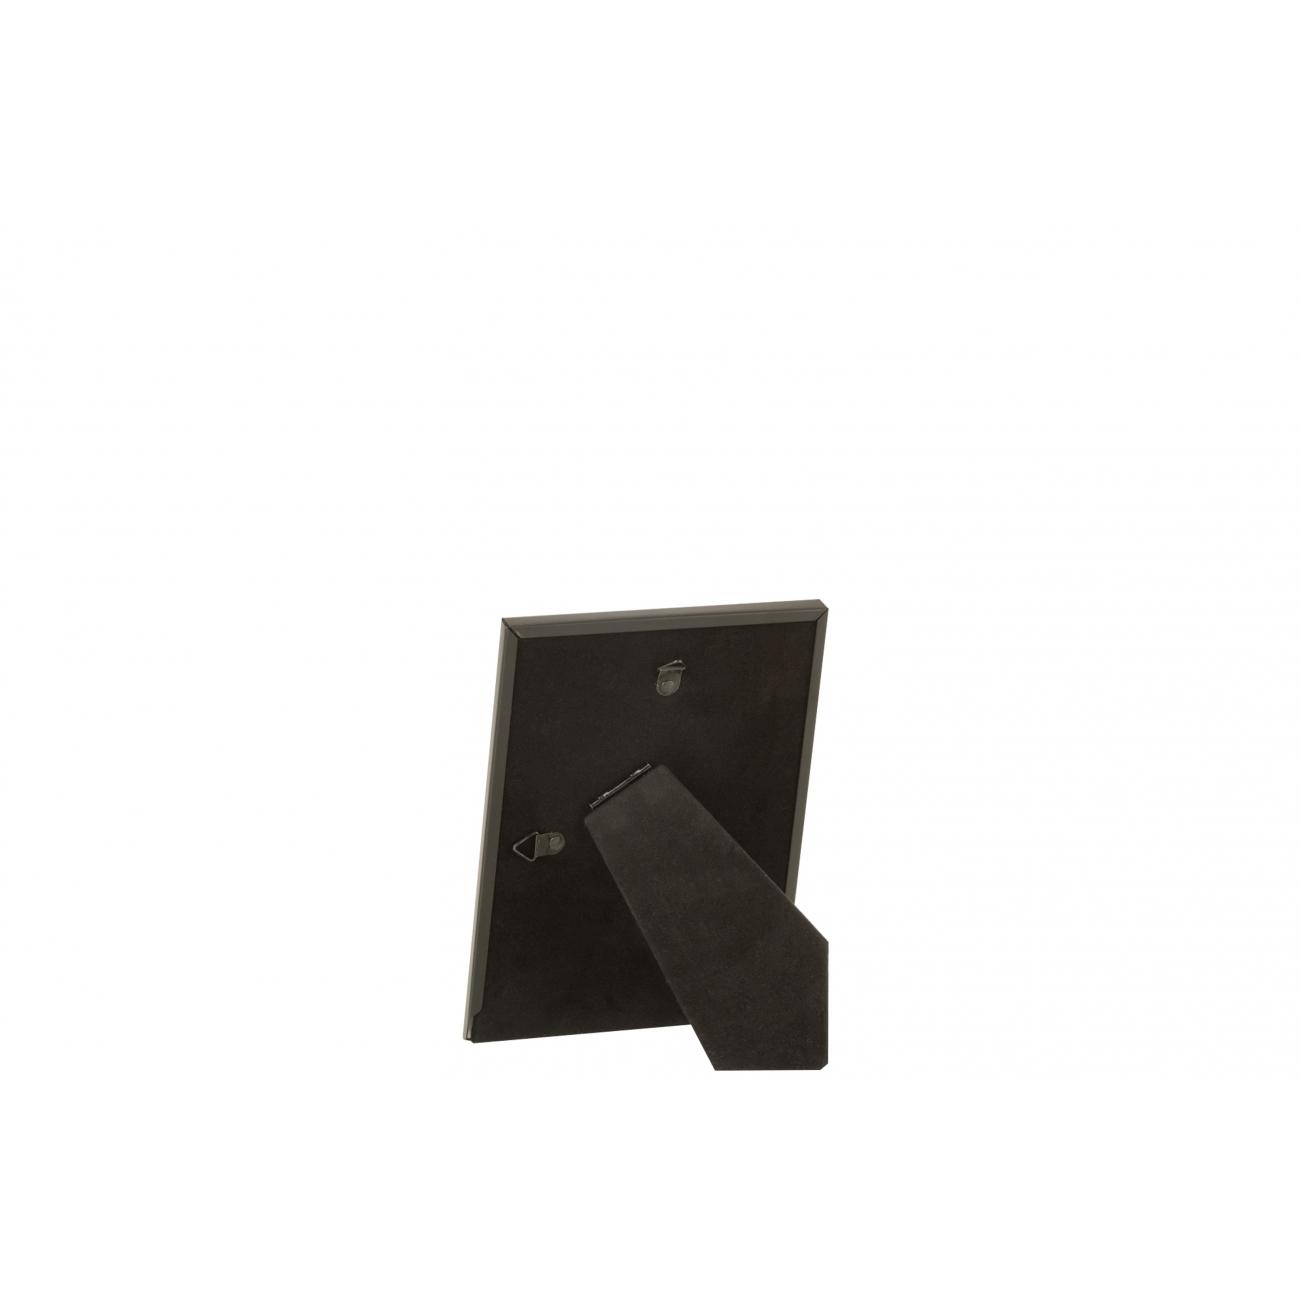 Фоторамка J-LINE металлическая черного цвета 13х18 см Бельгия